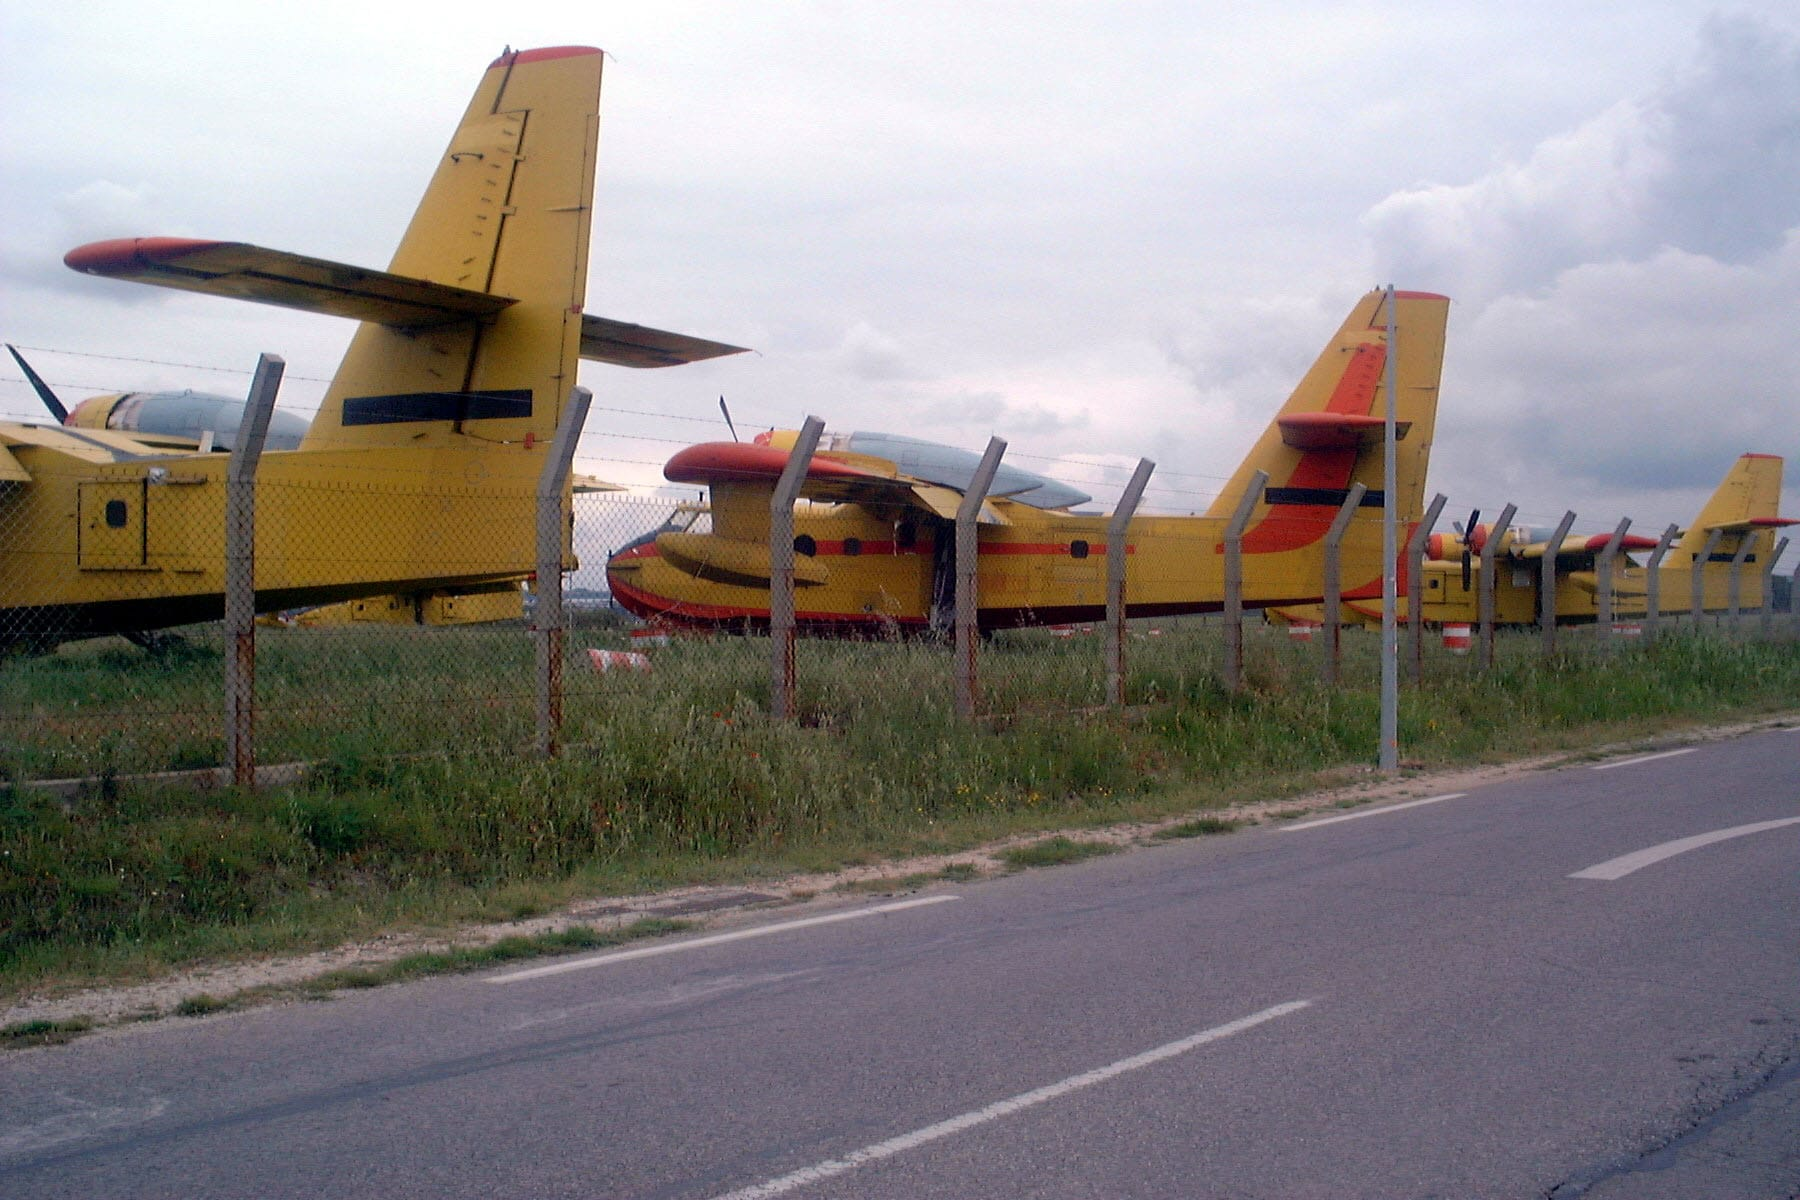 CL-215-40-Musee-de-laviation-Saint-Victoret